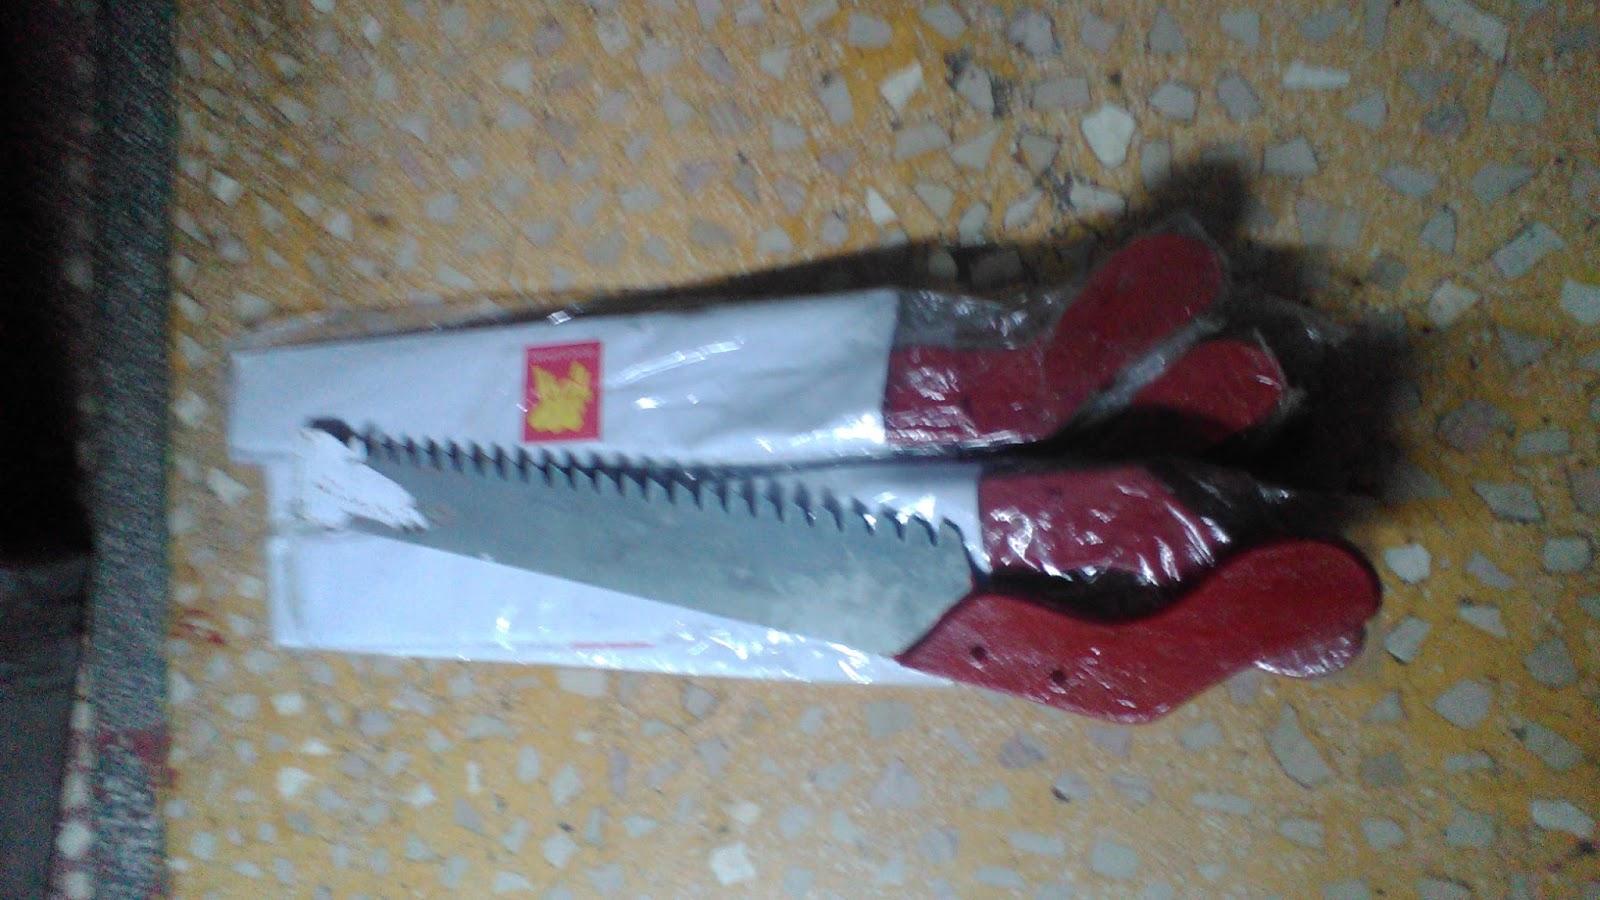 Trowel Bata Ringan Daftar Harga Terkini Dan Termurah Indonesia Clearance Sendok Semen Oval Wrn Biru 8 Inch Jason 377 079 Gallery Of Gergaji Fukuda